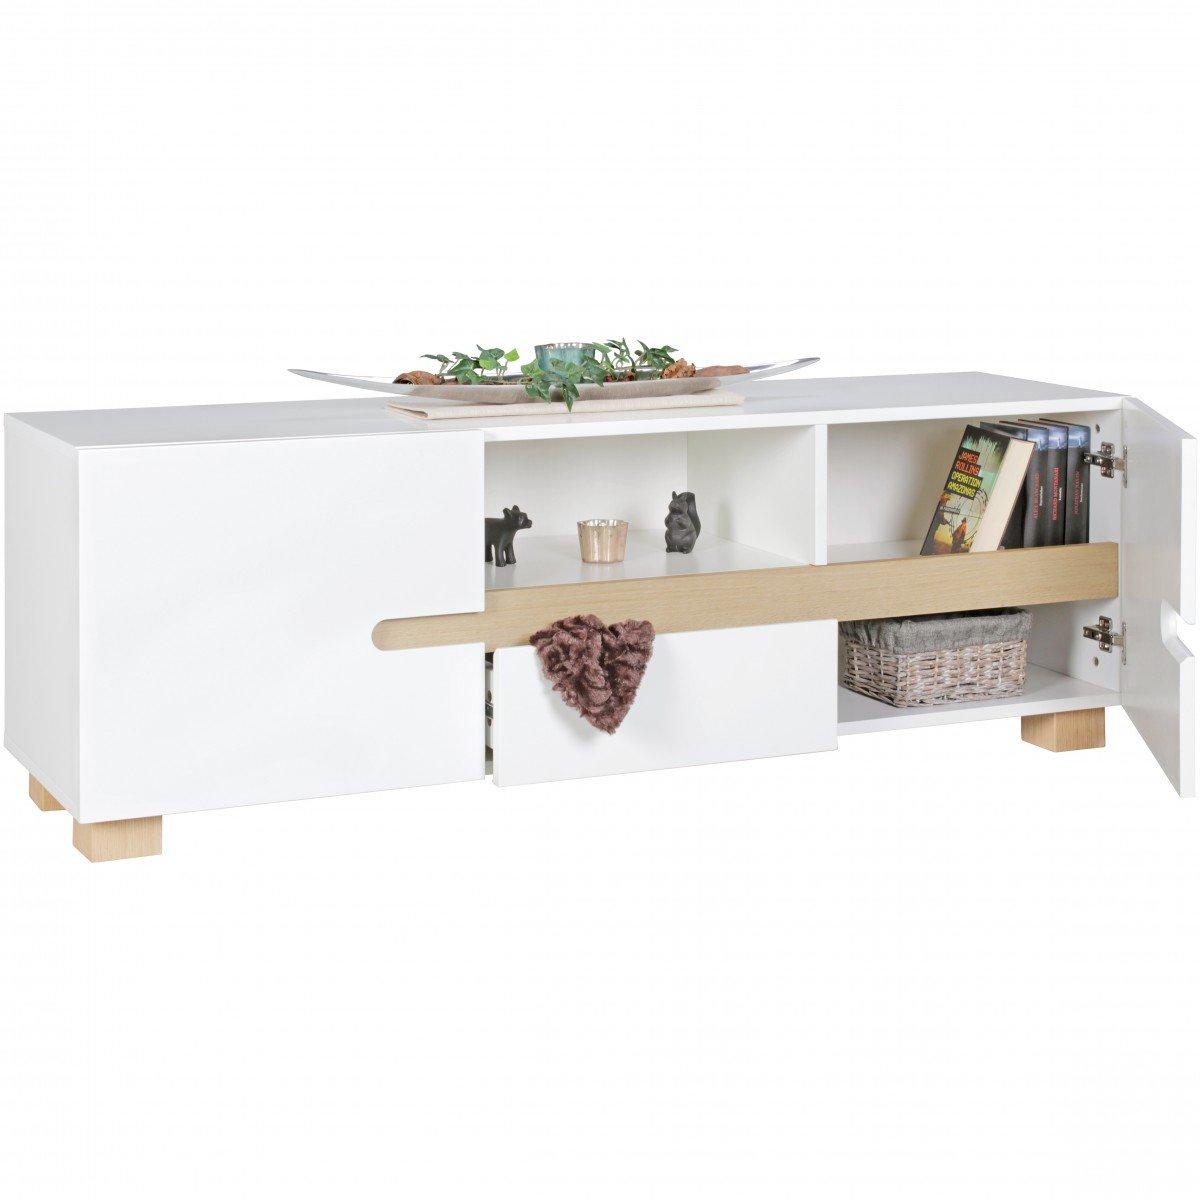 FineBuy Niedrigboard SCANIO 150 x x x 52 x 42 cm weiß skandinavisch Holz HiFi Regal   Design Retro TV Board mit Schublade & Türen   Fernseher-Kommode mit Eiche-Beinen bbe139